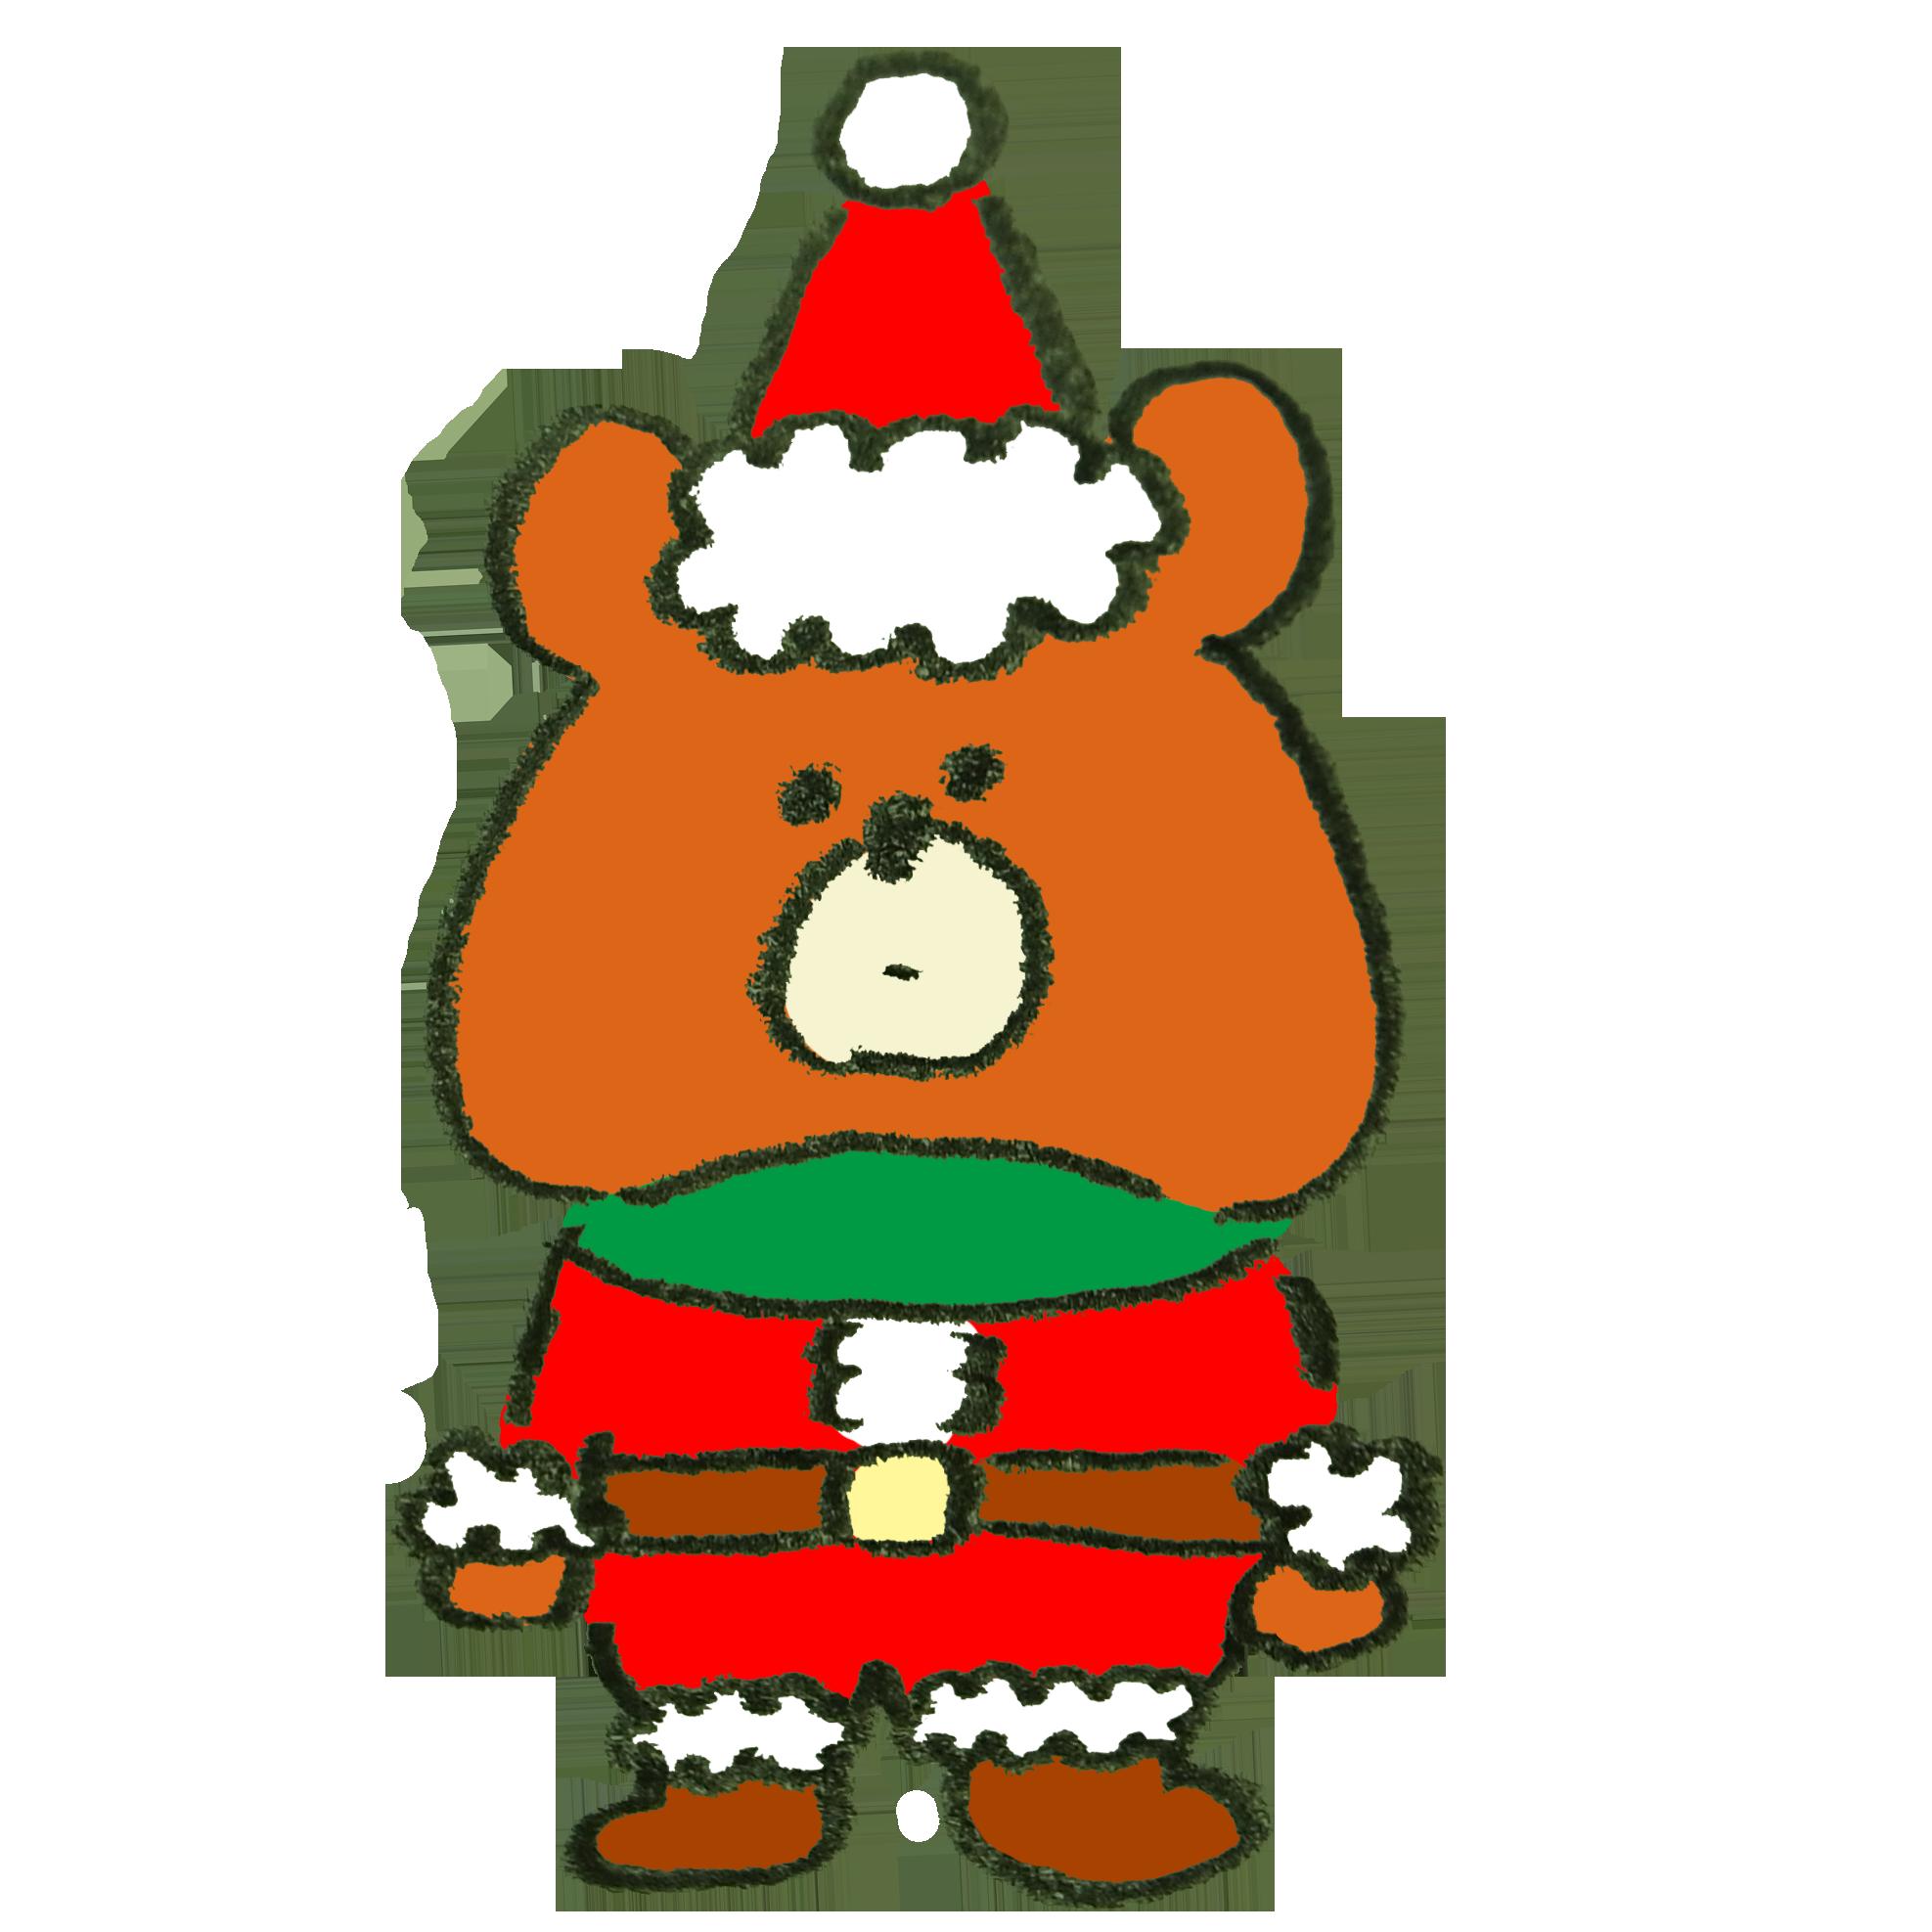 サンタクロースのコスプレをさせられた熊のイラスト ゆるくてかわいい無料イラスト素材屋 ぴよたそ